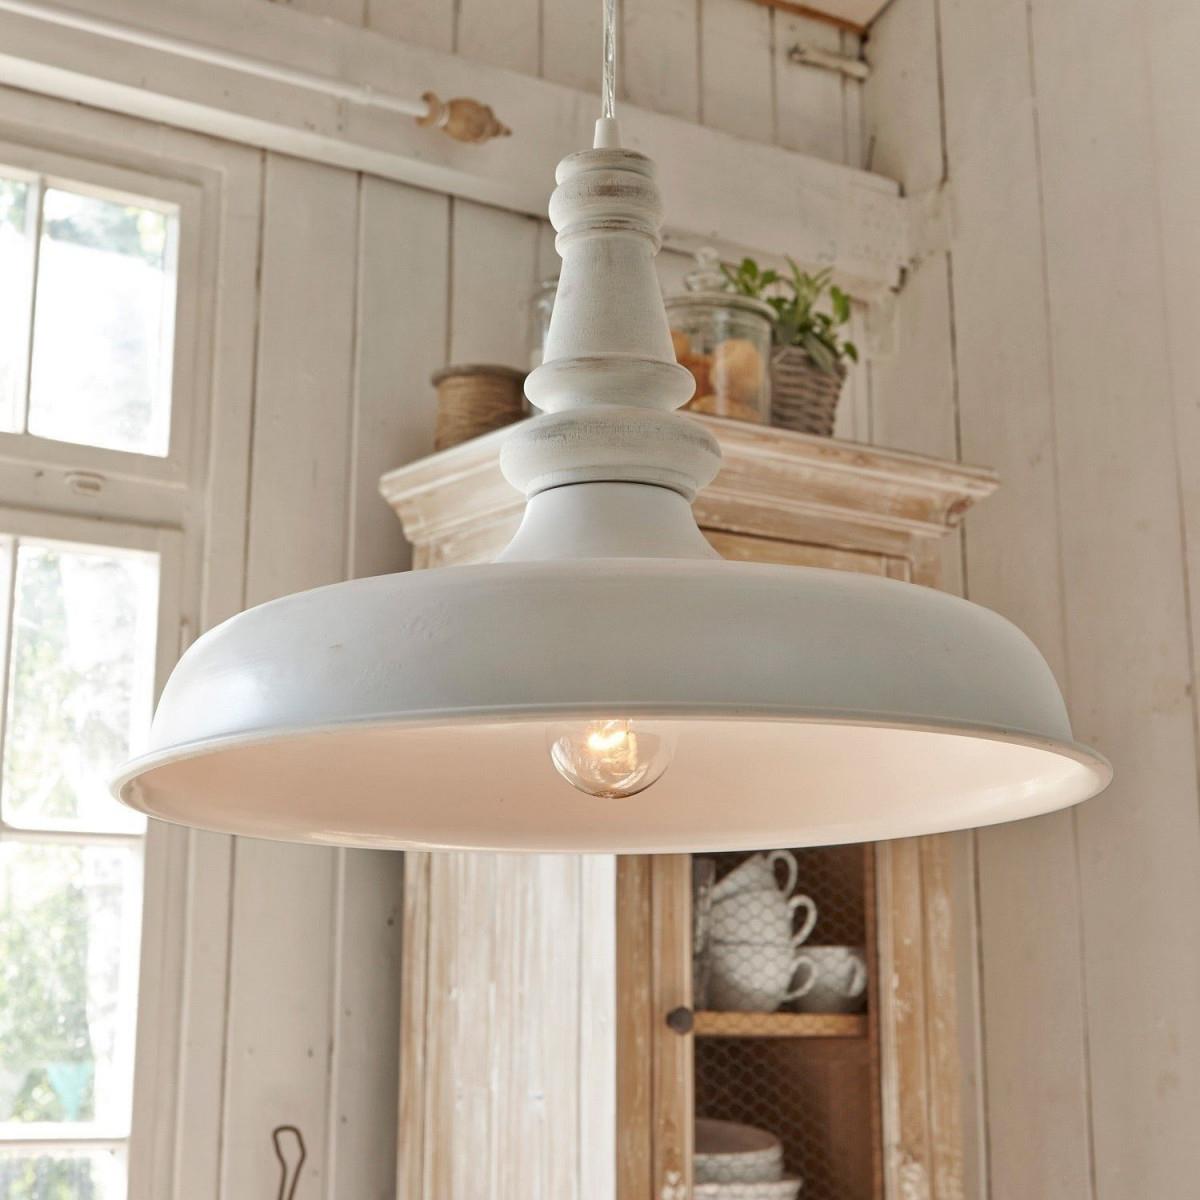 Hängelampe Camryn  Loberon  Lampen Landhausstil Lampe von Wohnzimmer Lampe Landhaus Photo